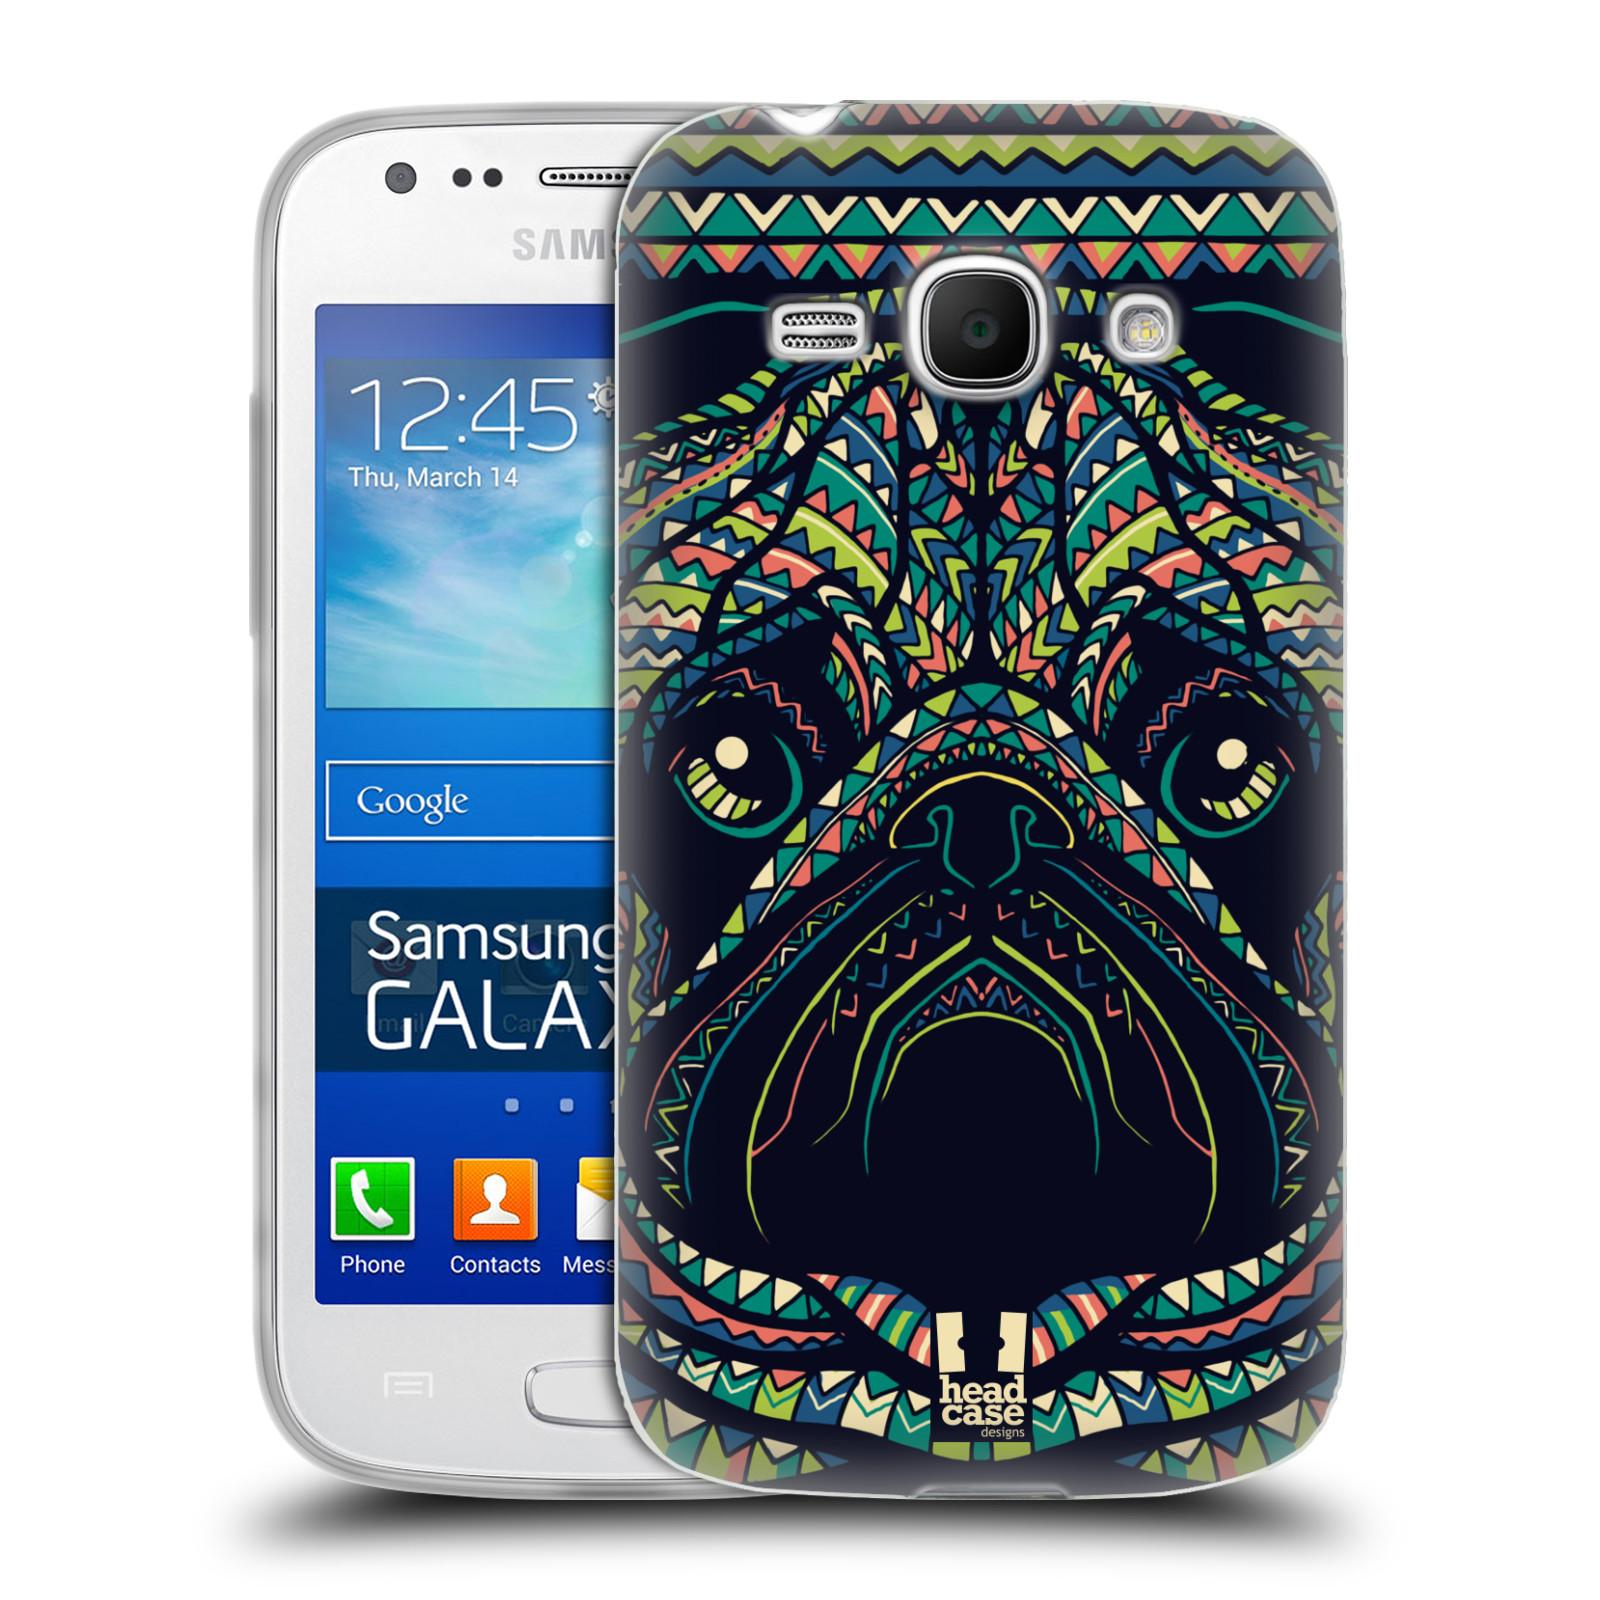 HEAD CASE silikonový obal na mobil Samsung Galaxy Ace 3 vzor Aztécký motiv zvíře 3 mopsík